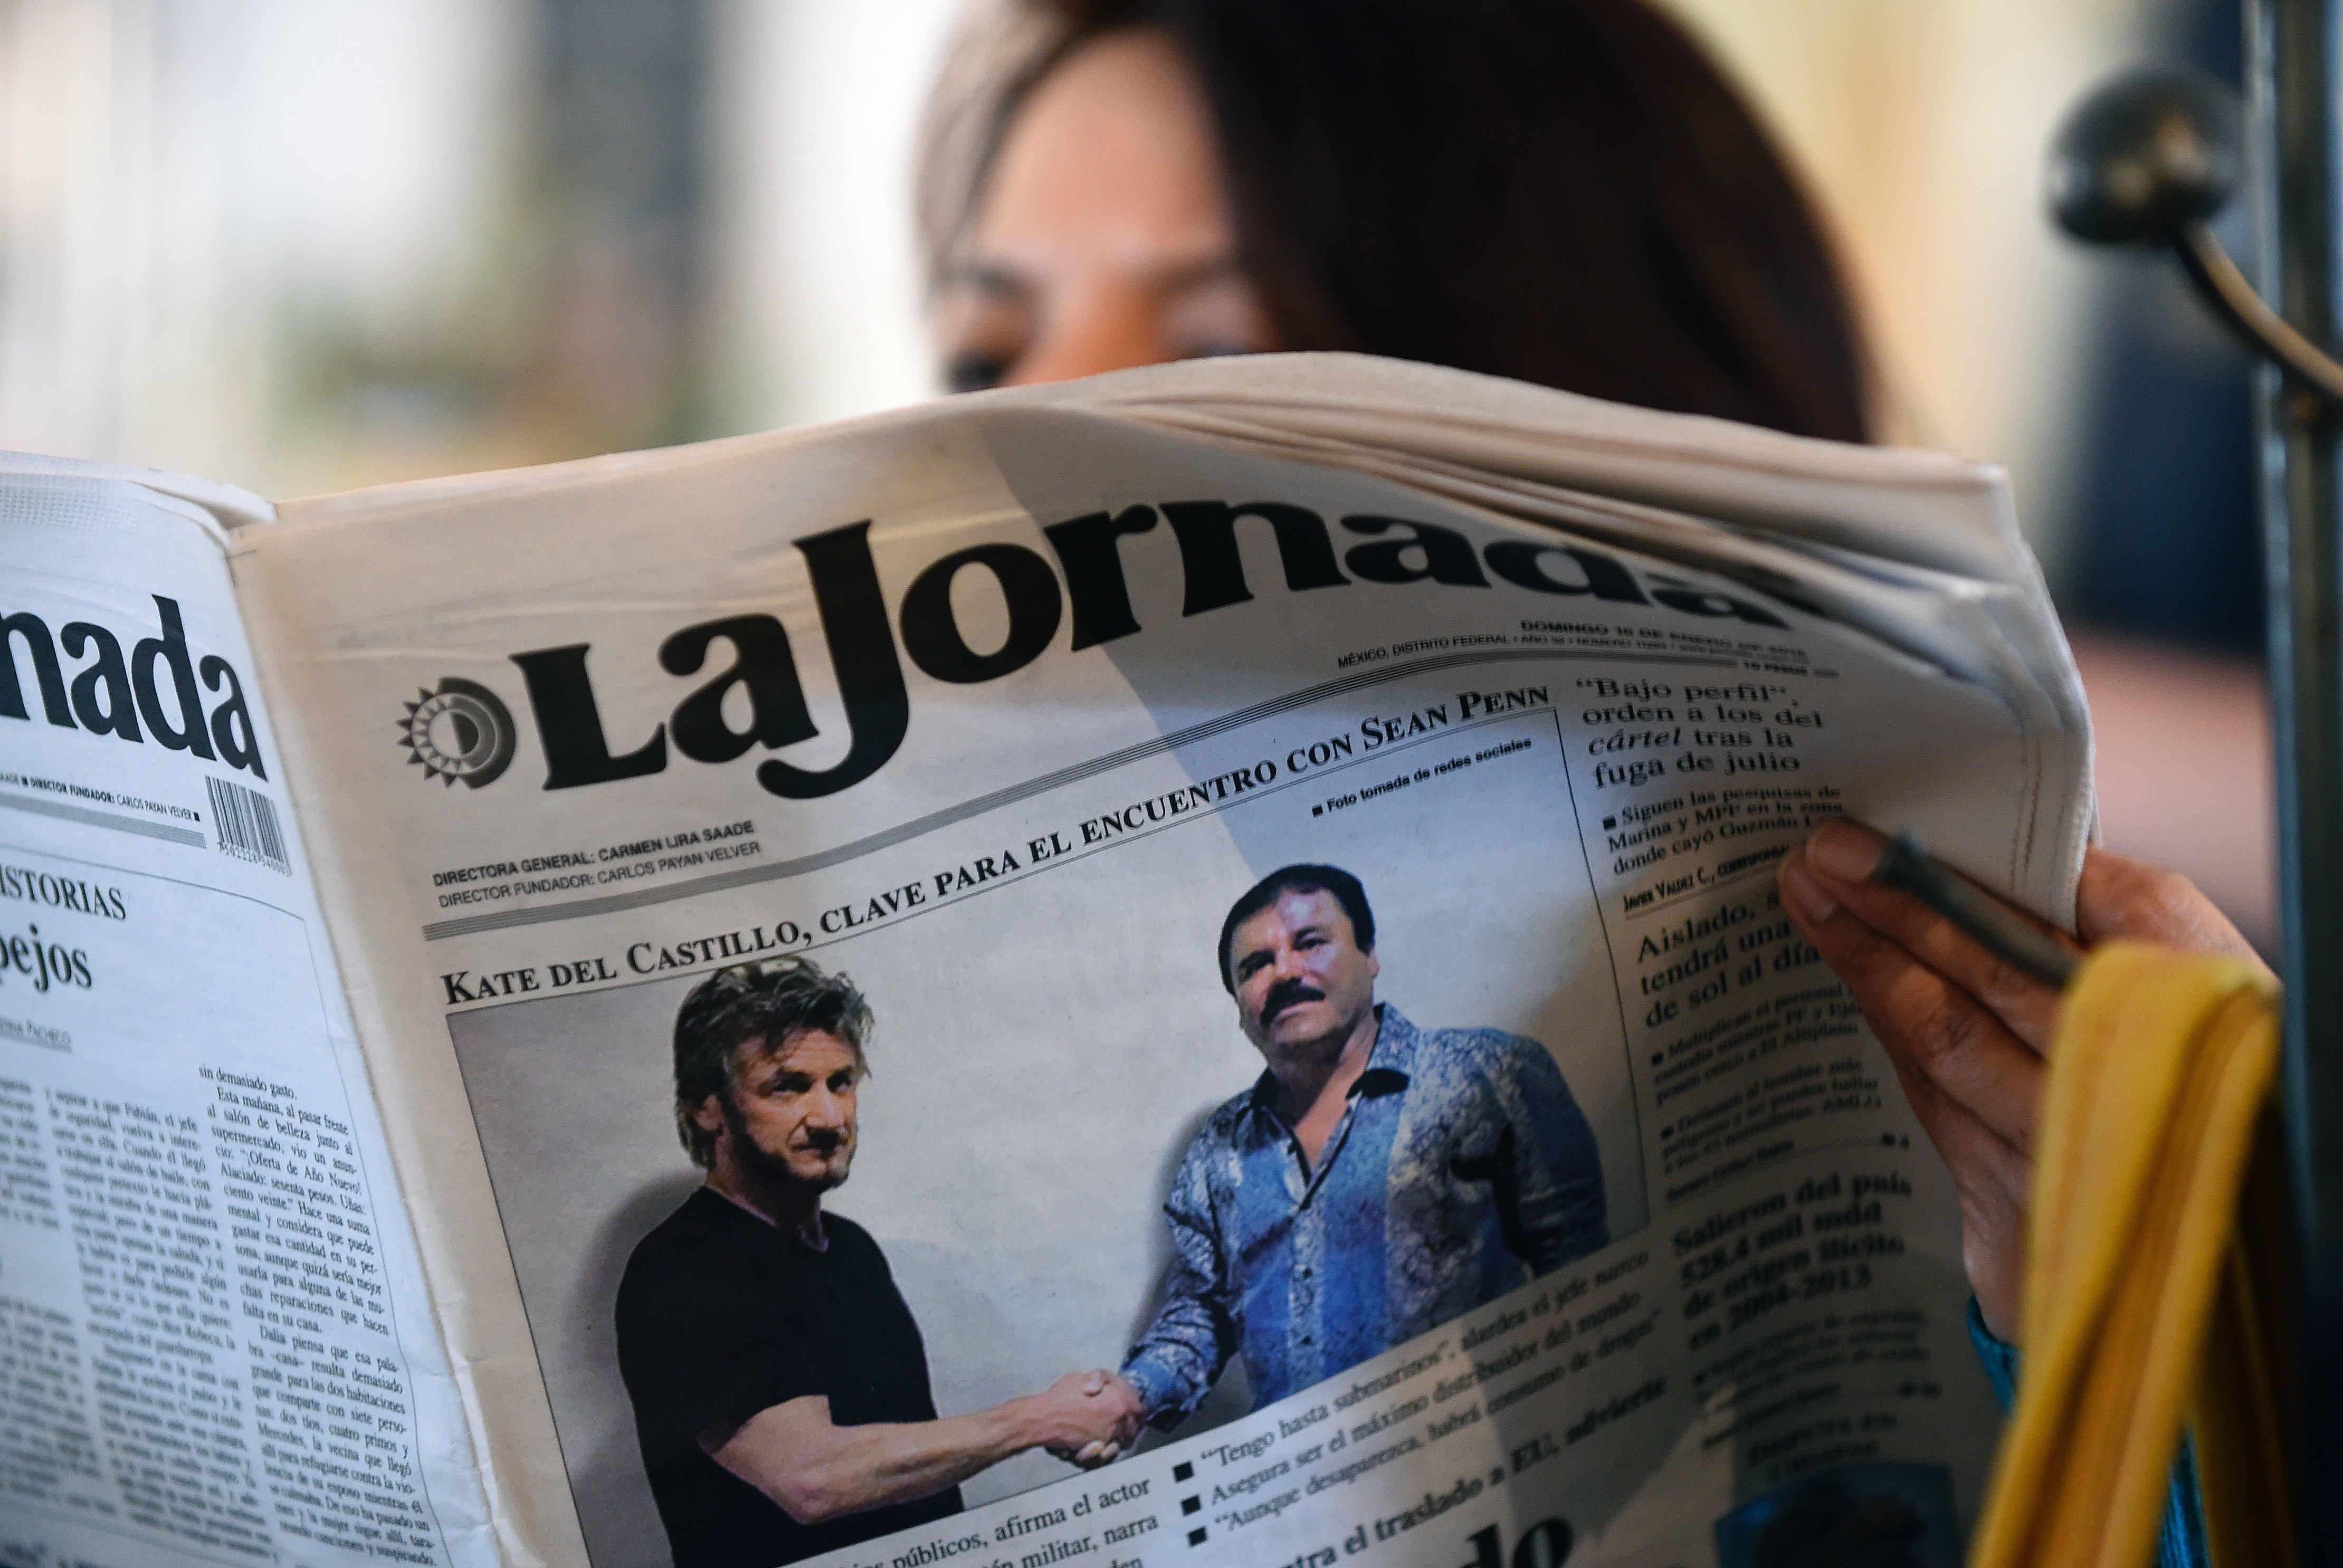 Η δίκη του «Ελ Τσάπο» ξεκινά: Η κινηματογραφική ζωή του «βασιλιά της κόκας» ενώπιον ενόρκων